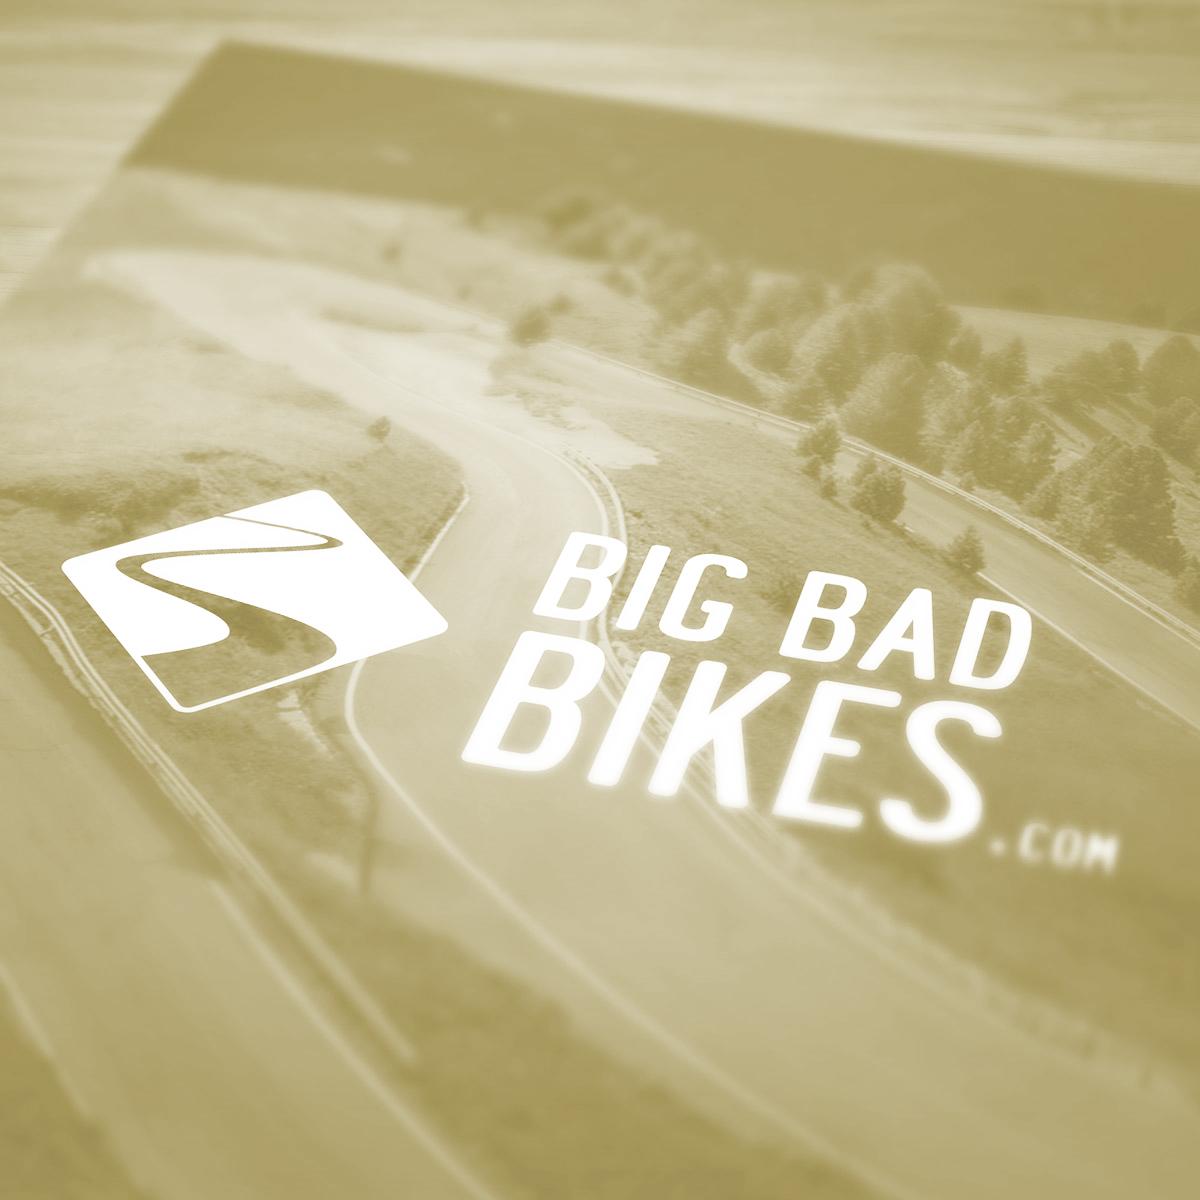 bigbad..